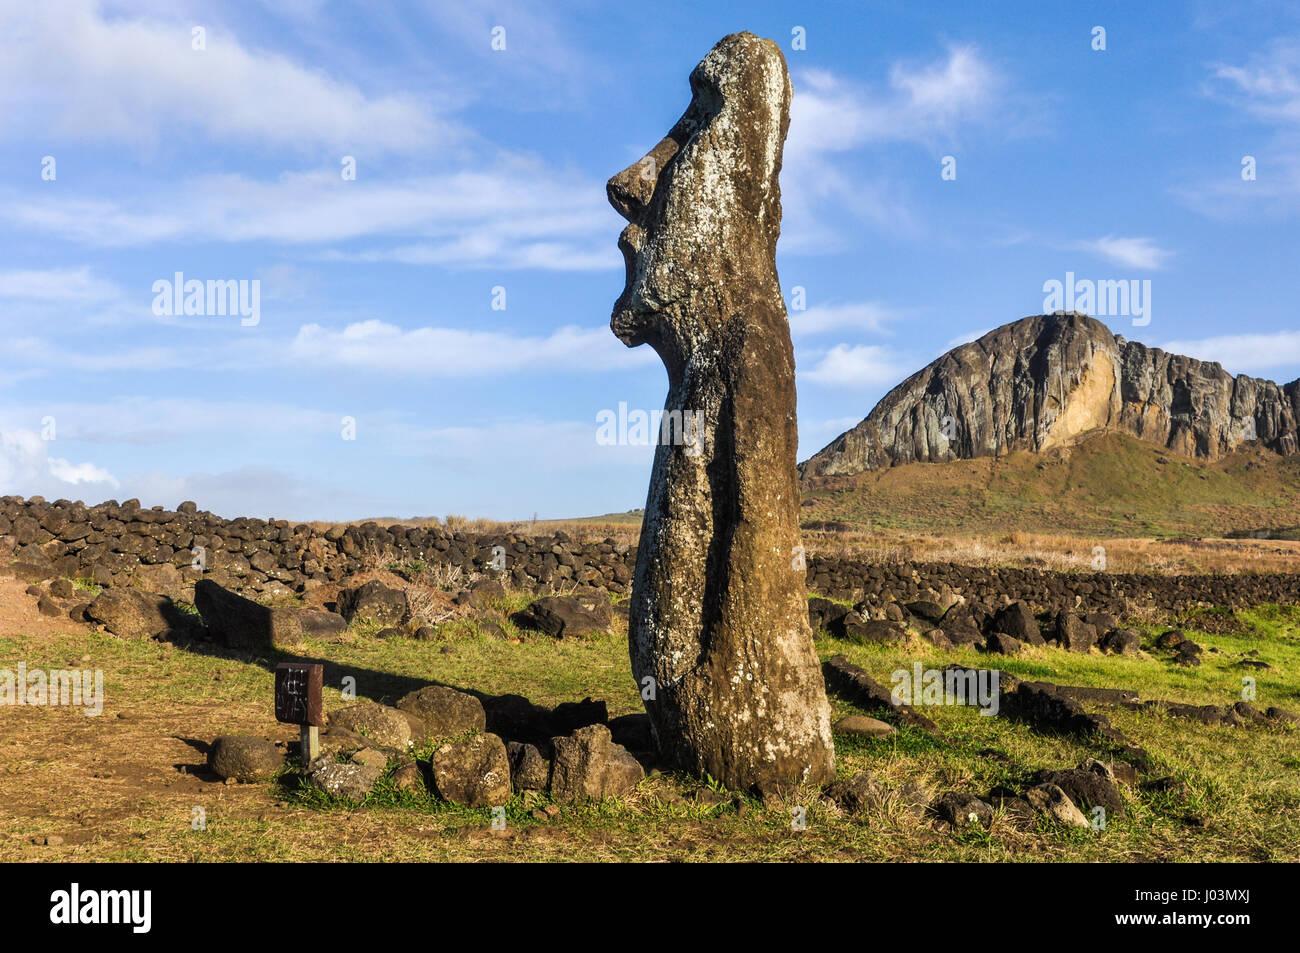 Estatua moai solitario permanente cerca del Ahu Tongariki Sitio en la costa de la Isla de Pascua, Chile Imagen De Stock